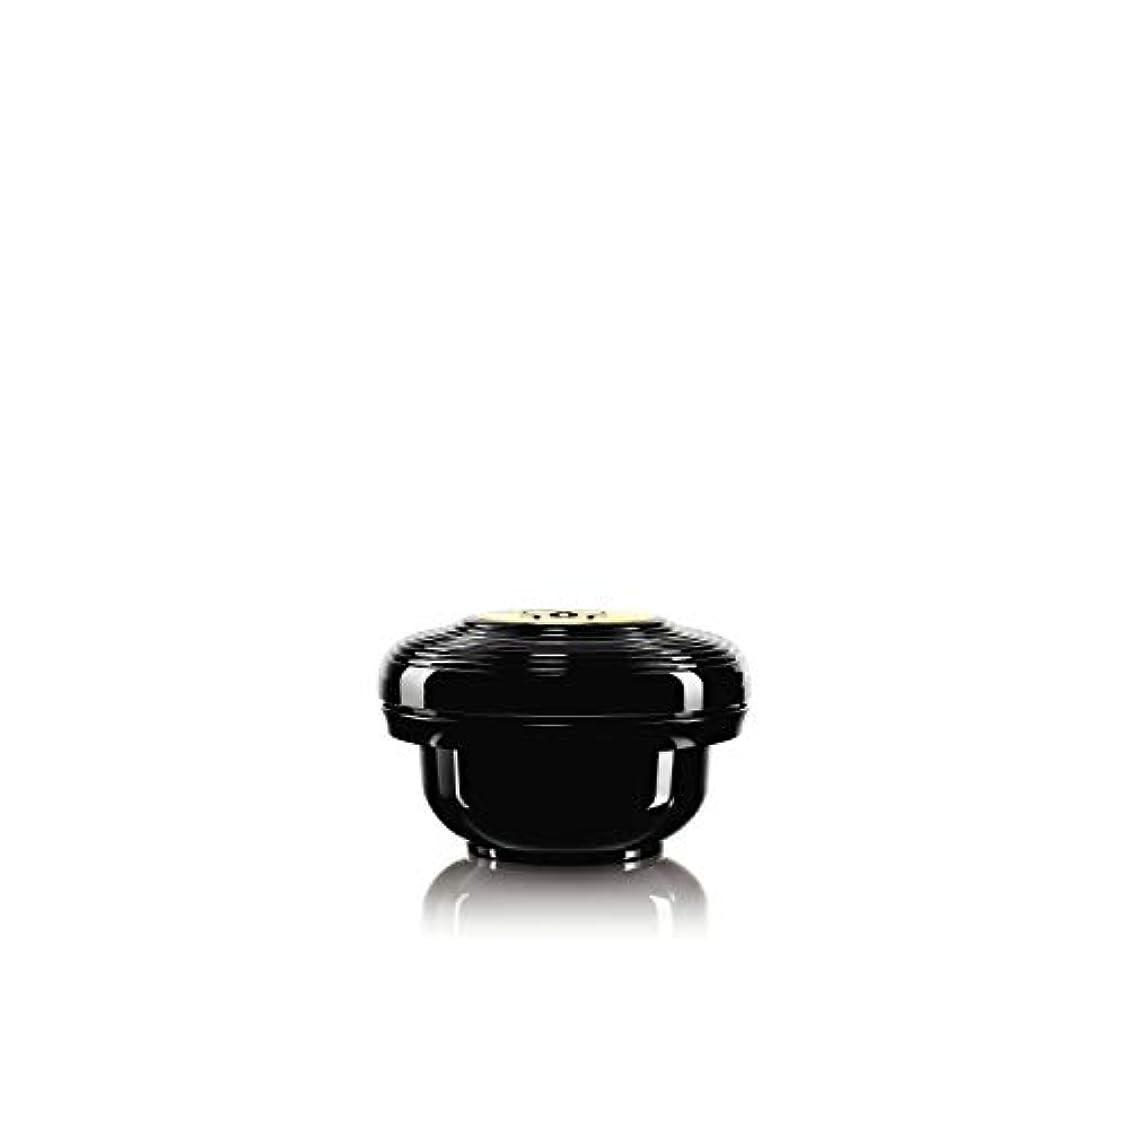 うんざりバレーボール再生可能【GUERLAIN(ゲラン)】オーキデ アンペリアル ブラック クリーム ベルナルド(リフィル)50mL/クリーム